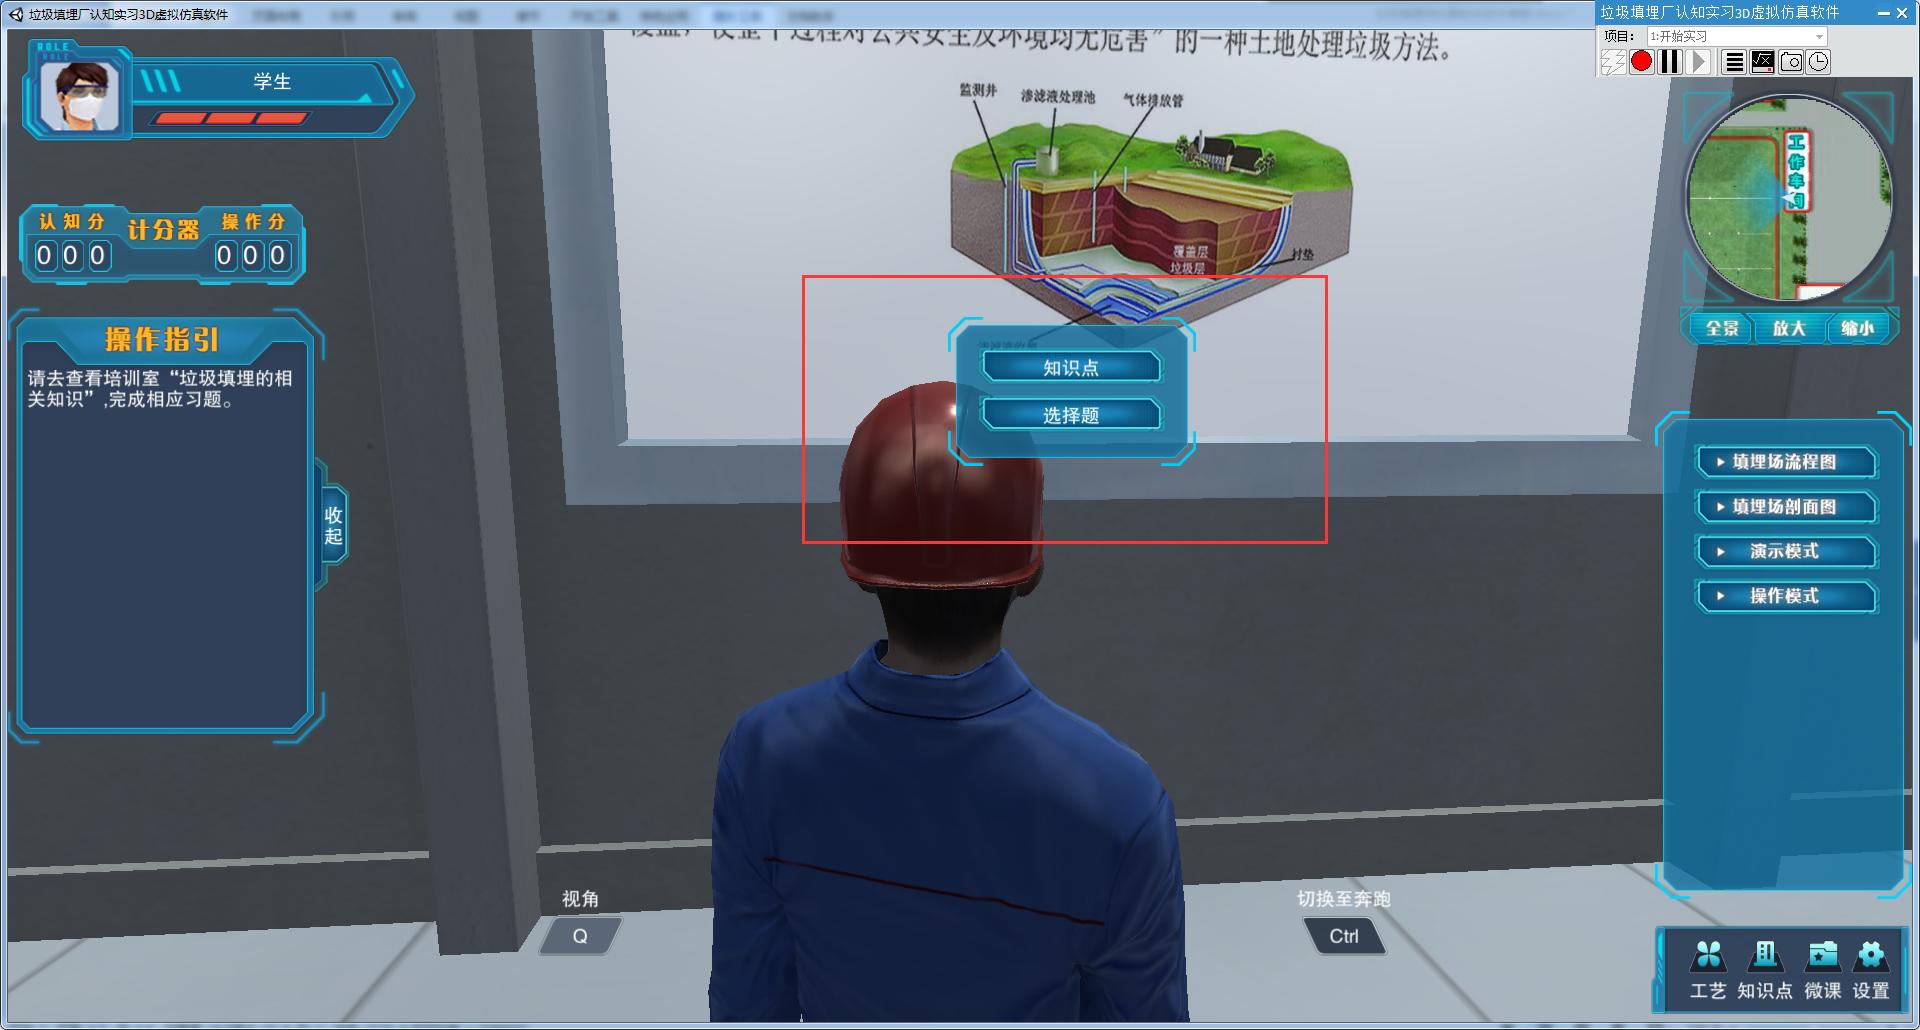 垃圾填埋场3D虚拟仿真软件